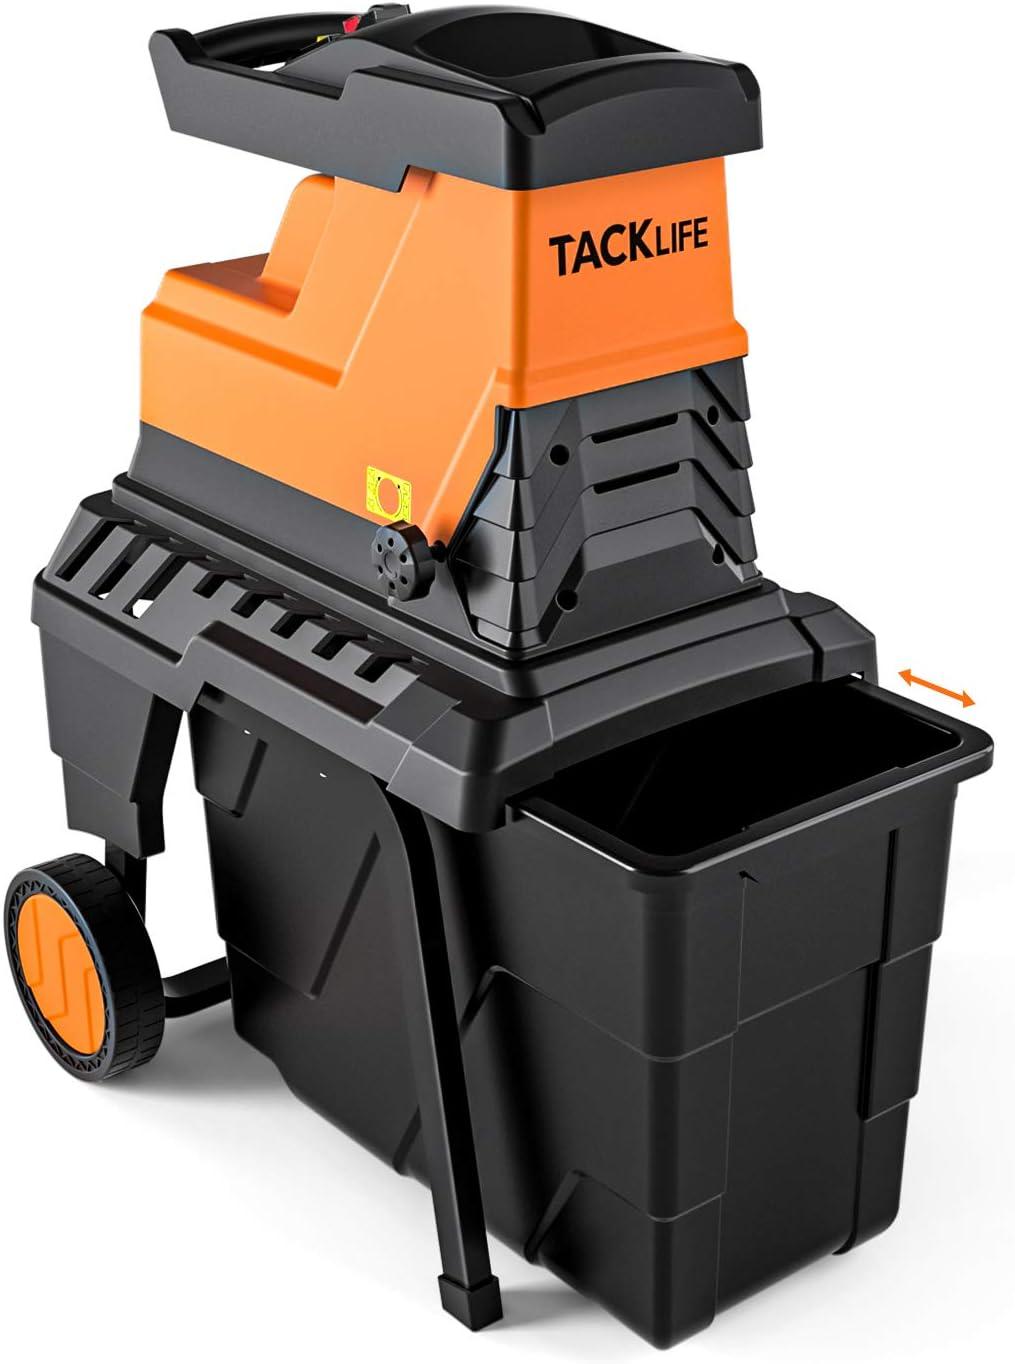 TACKLIFE Trituradora de Ramas, 2800W Biotrituradora Eléctrica, 90 dB Bajo Ruido, 45mm Máxima Capacidad de Corte, 55 L, Protección de Sobrecarga